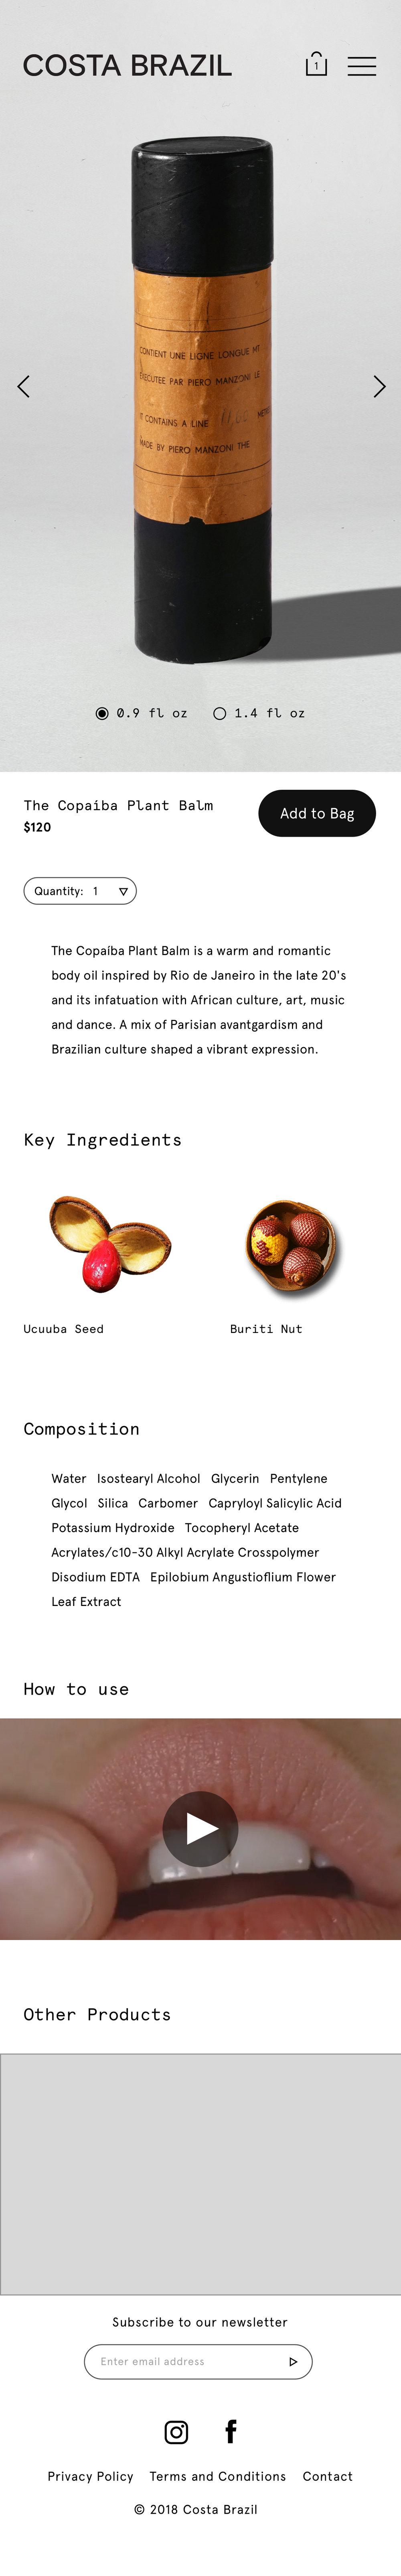 2e mobile product detail.jpg